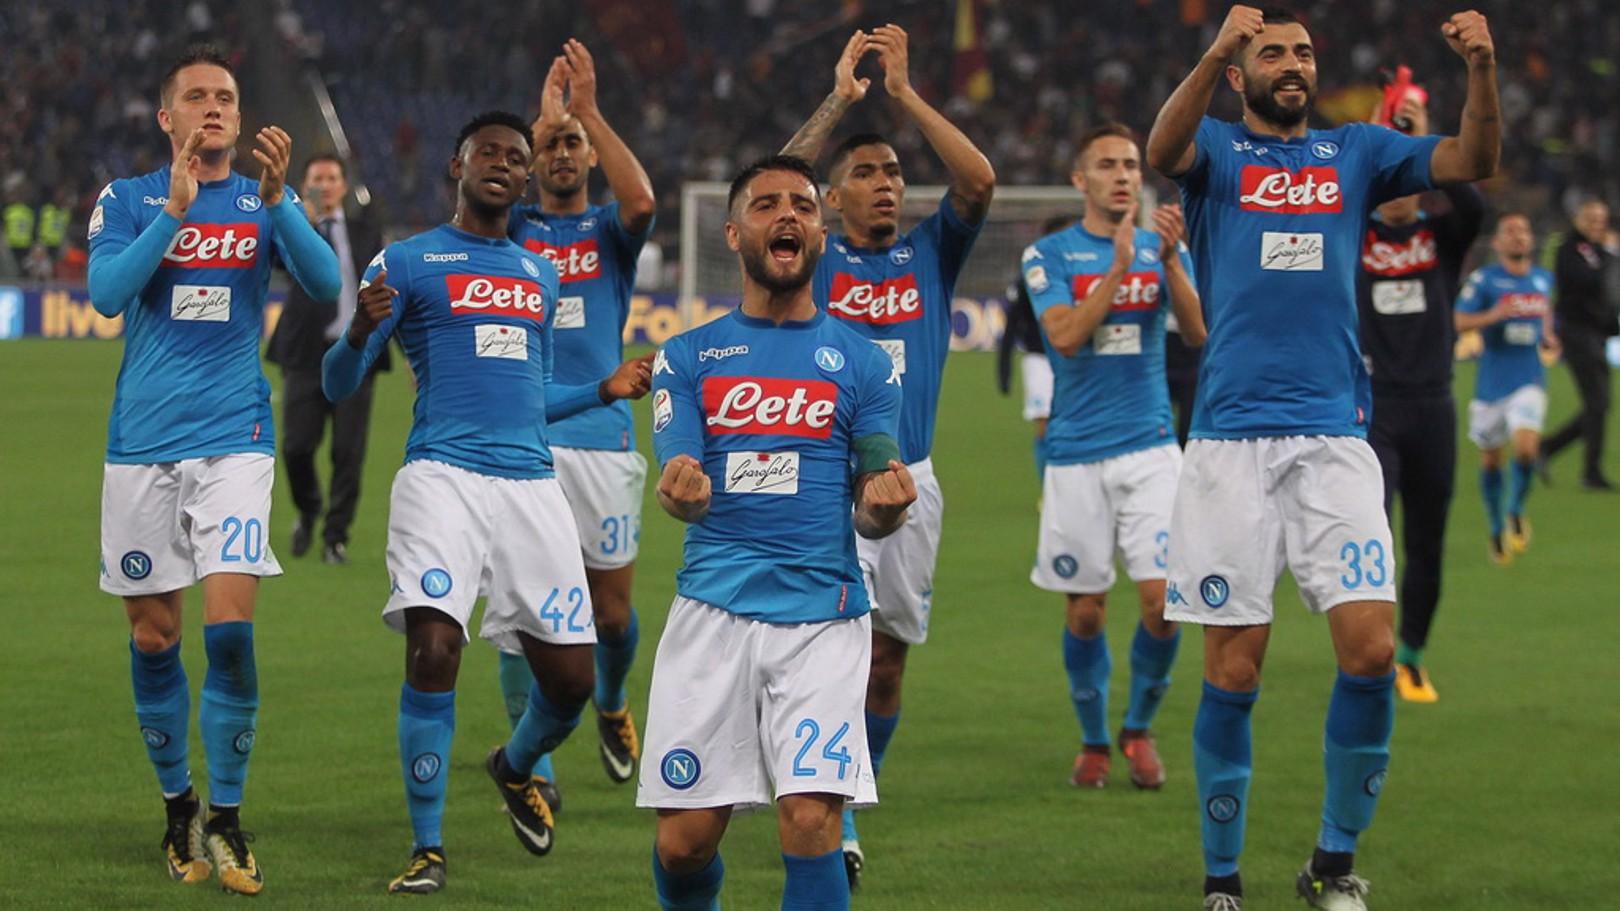 نابولي حقق الفوز في كل مبارياته في الدوري الإيطالي حتى الآن